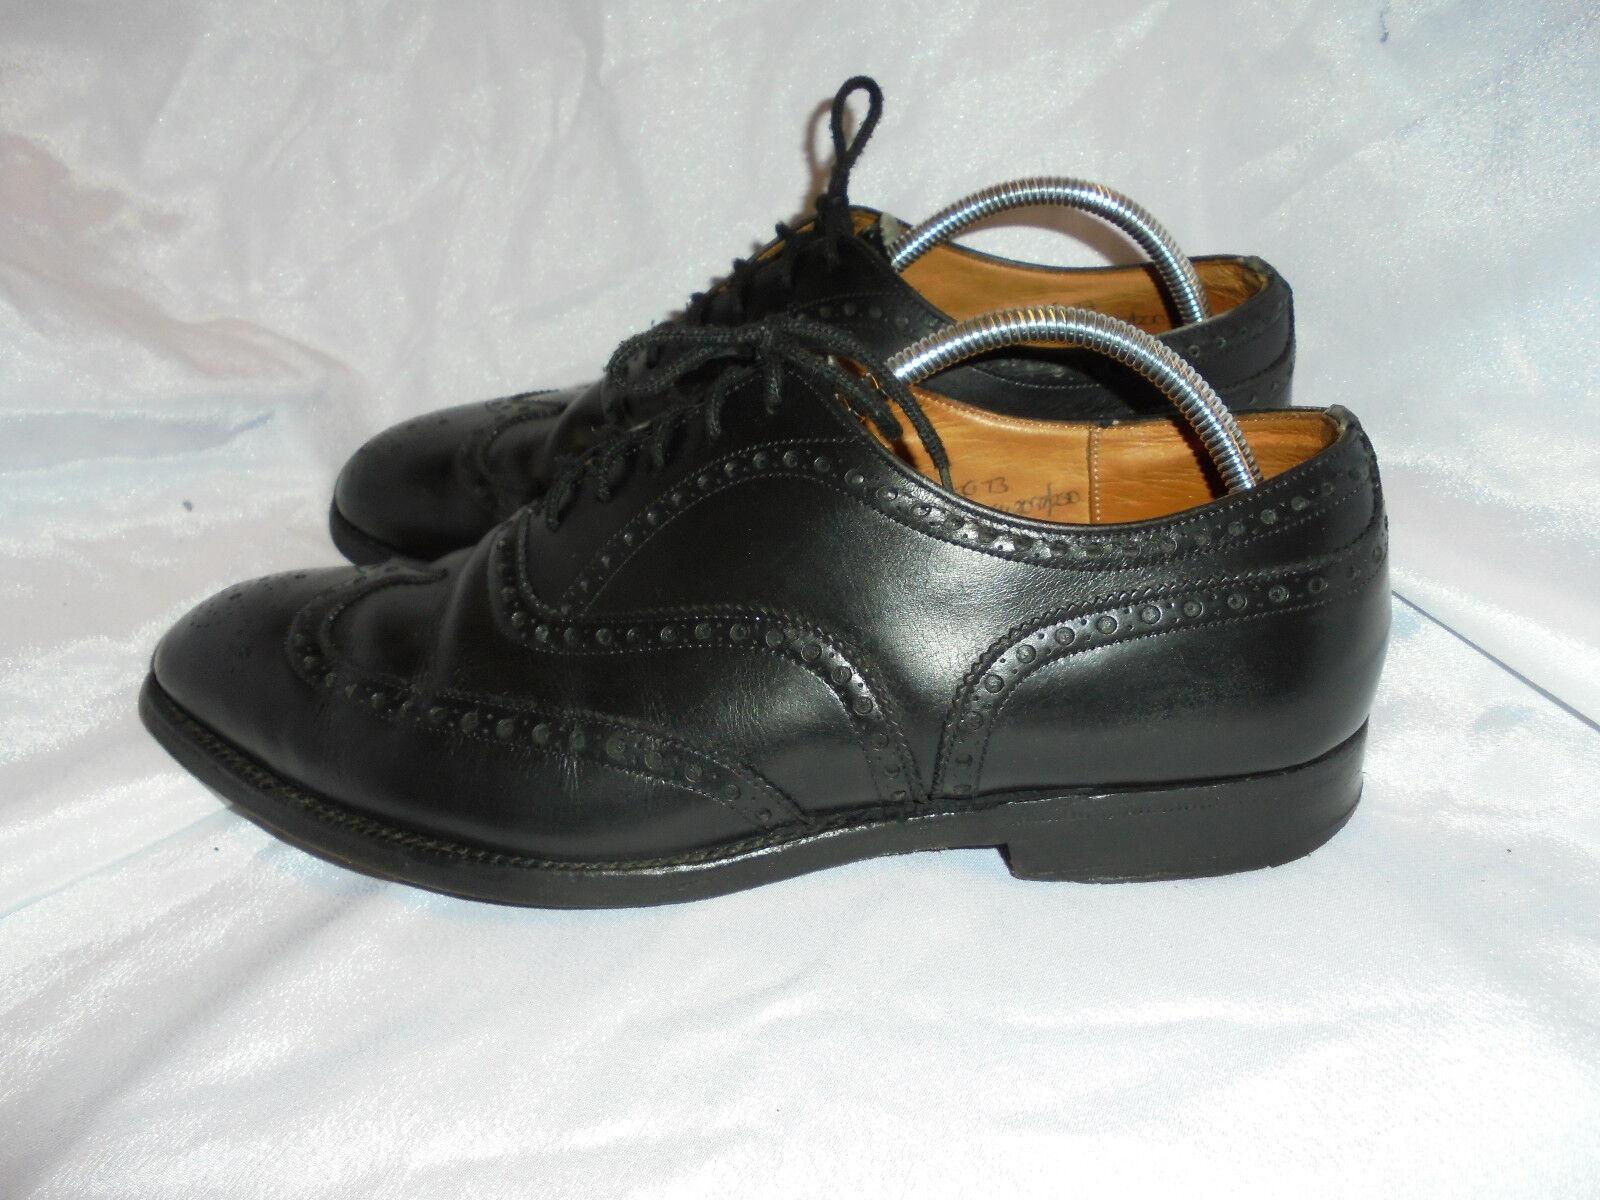 Churchs  Wingate  hommes en Cuir noir À Lacets chaussures Pointure UK 7.5 EU 41.5 très bon état